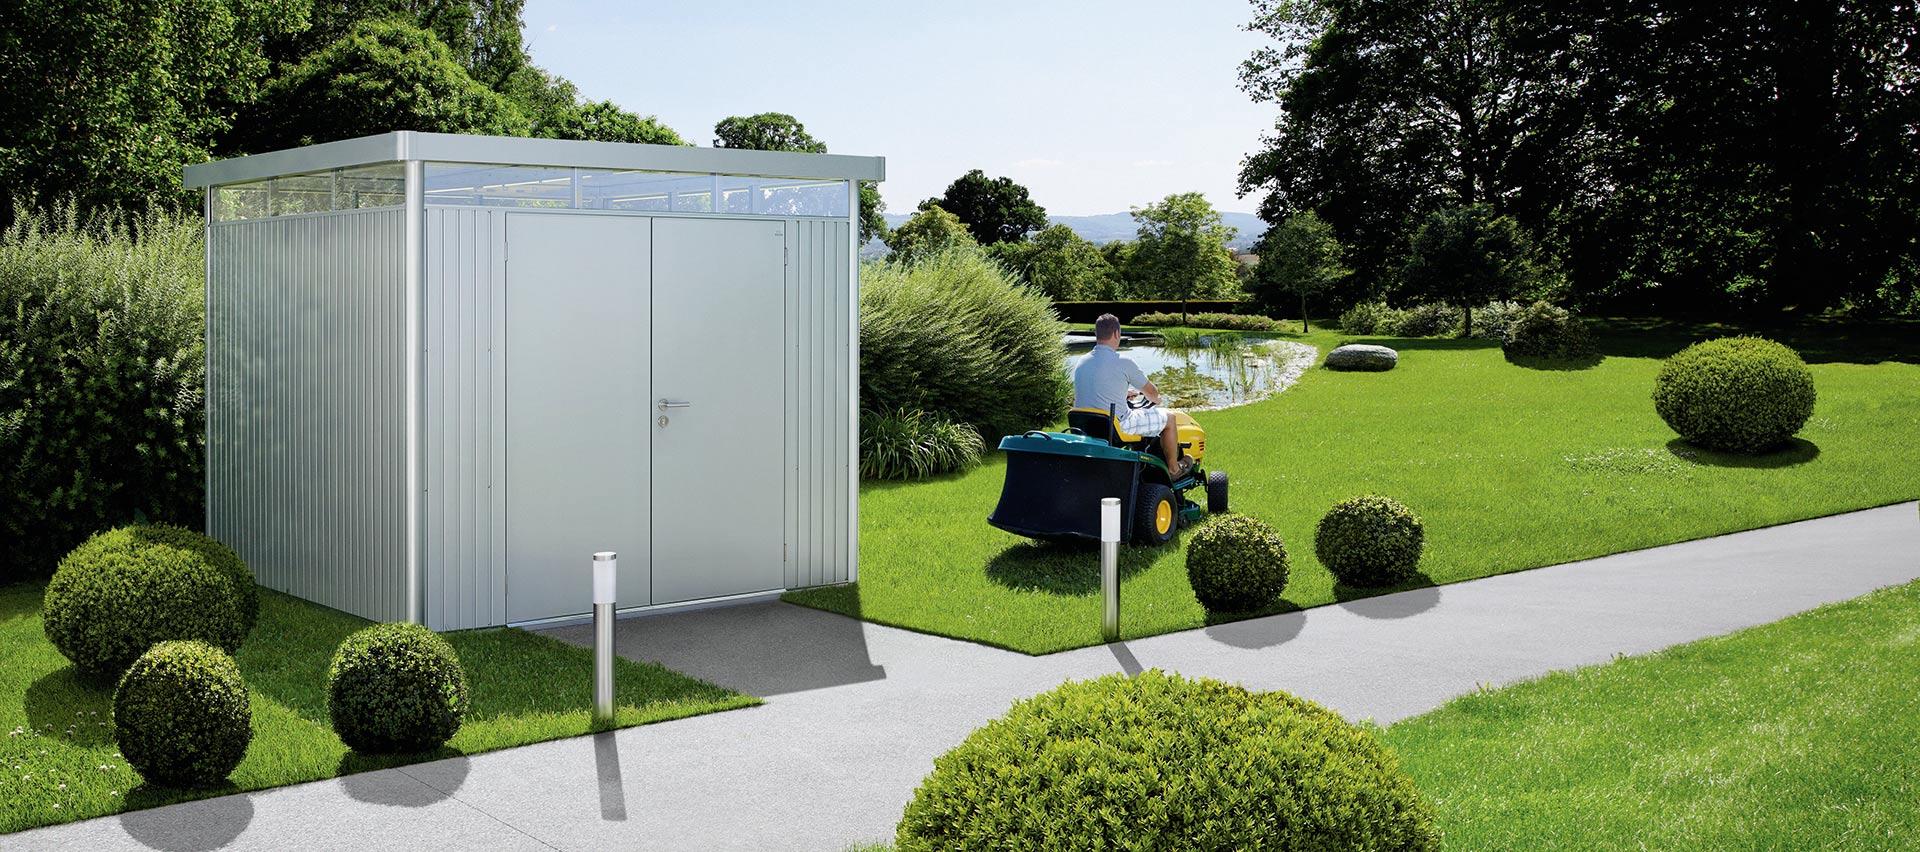 Gartenhäuser helles Metall von Holz-Hauff in Leingarten